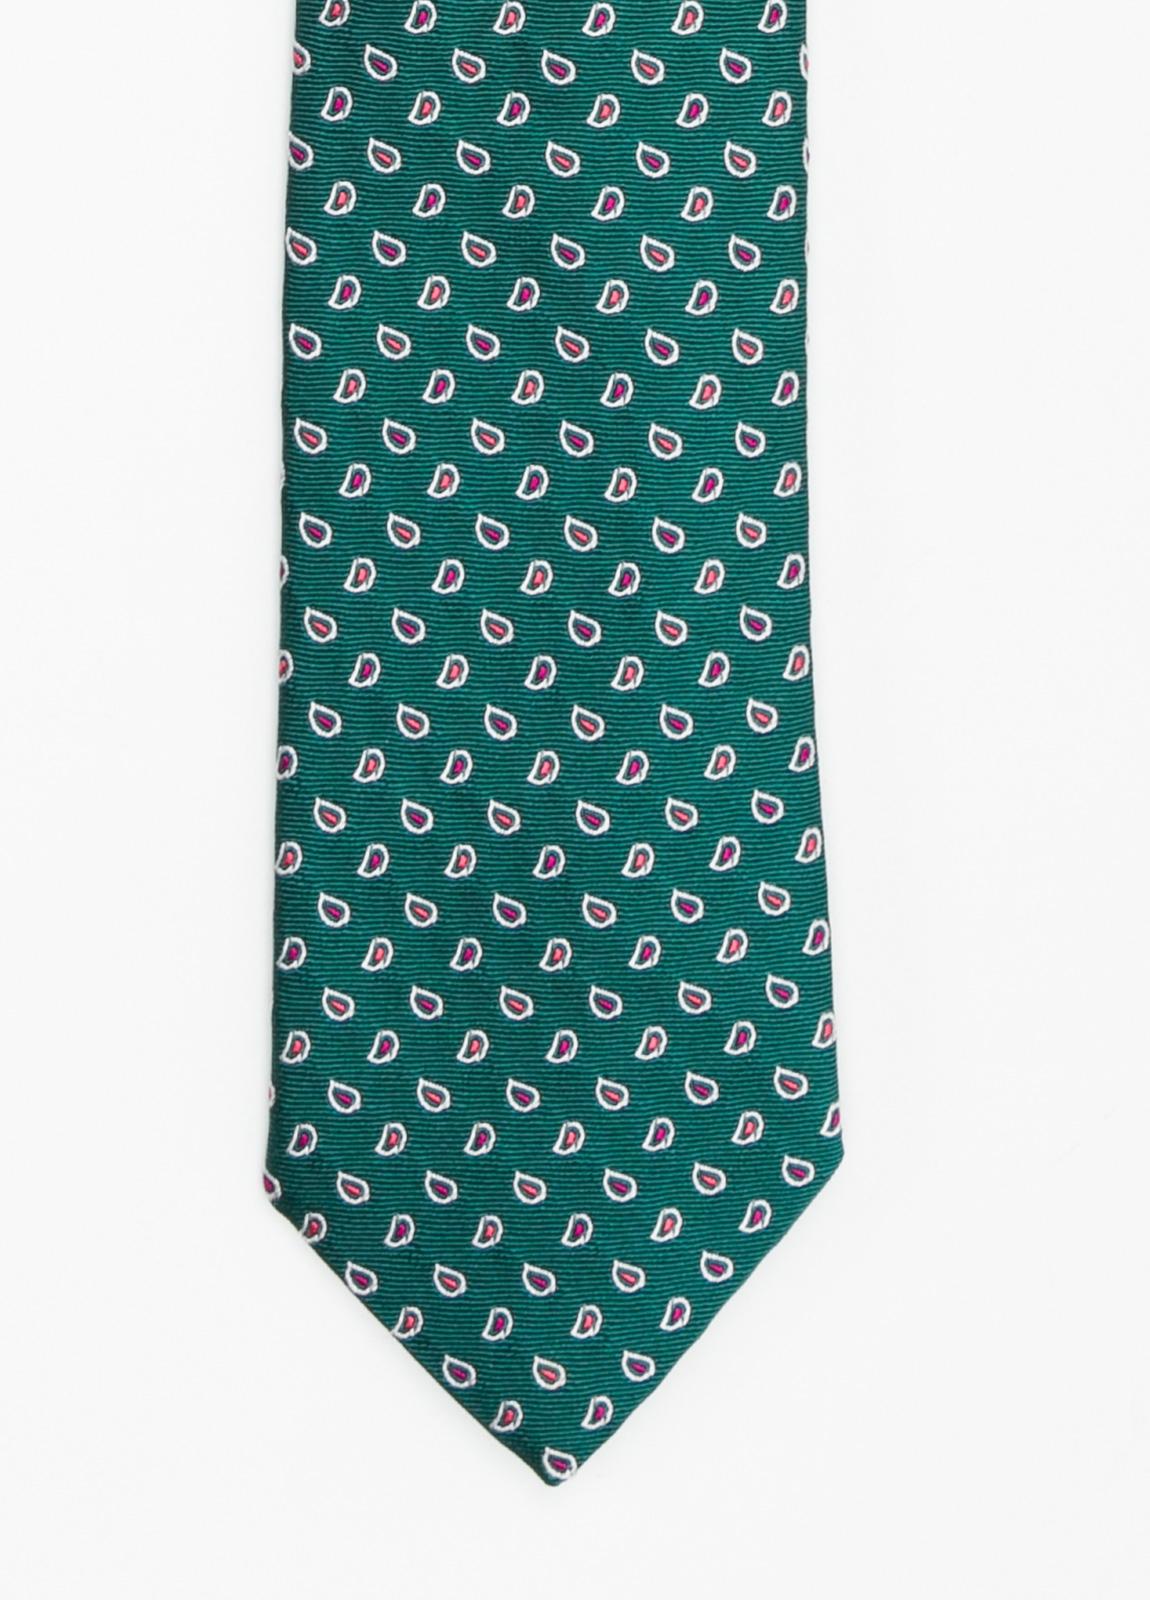 Corbata Formal Wear dibujo cachemir color verde. Pala 7,5 cm. 100% Seda.